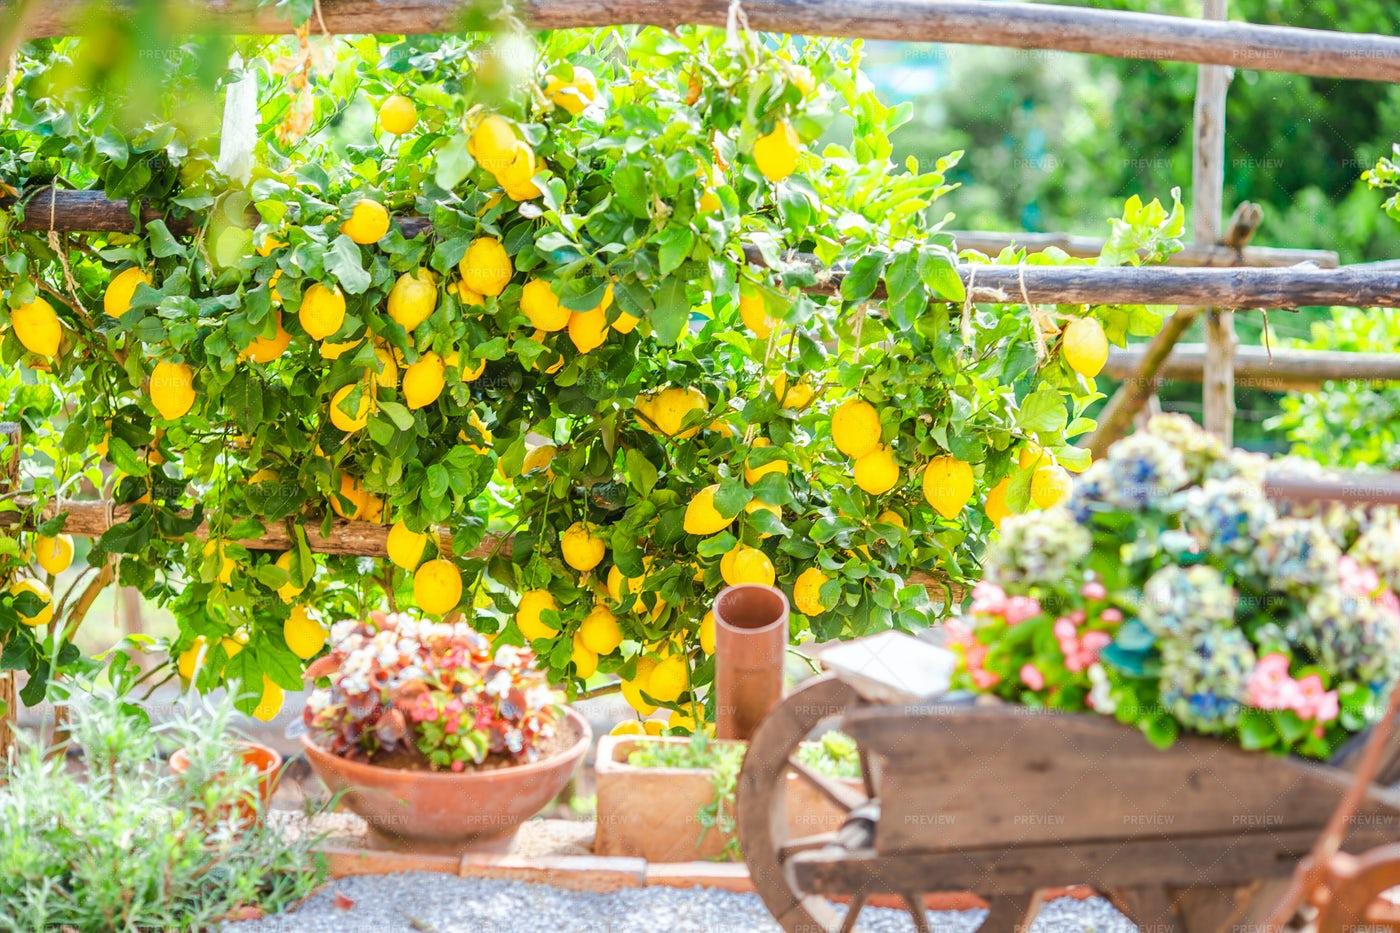 Italian Lemon Garden: Stock Photos